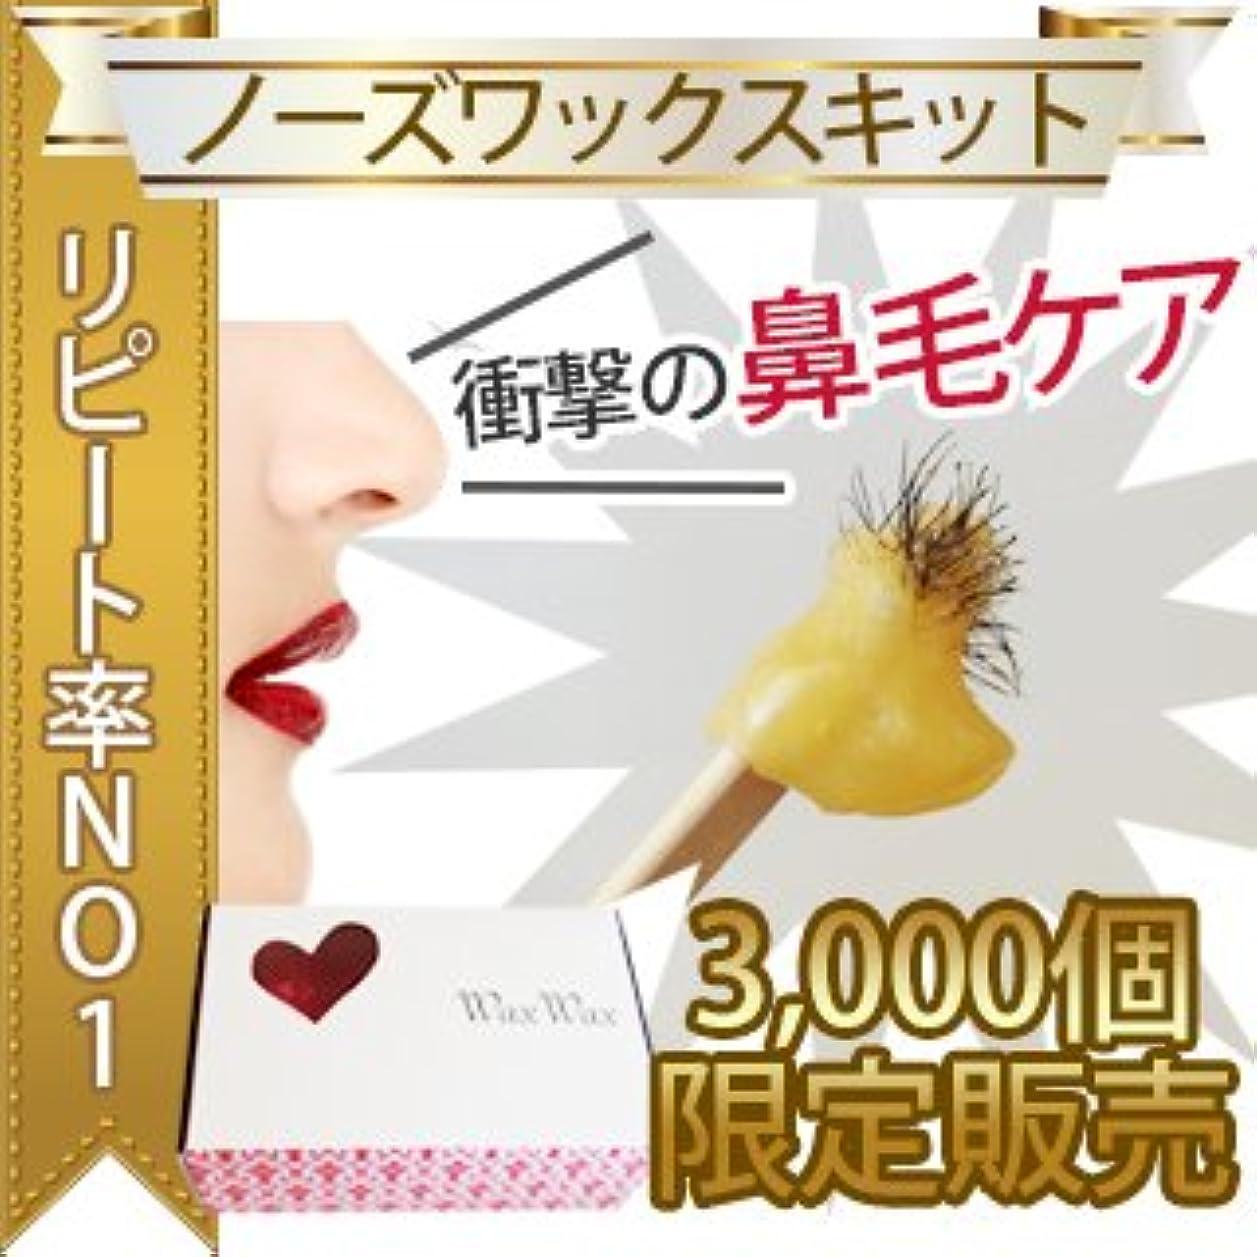 秘密の質素な。【3000個限定】鼻毛キット 約3回分 ノーズキット セルフ用